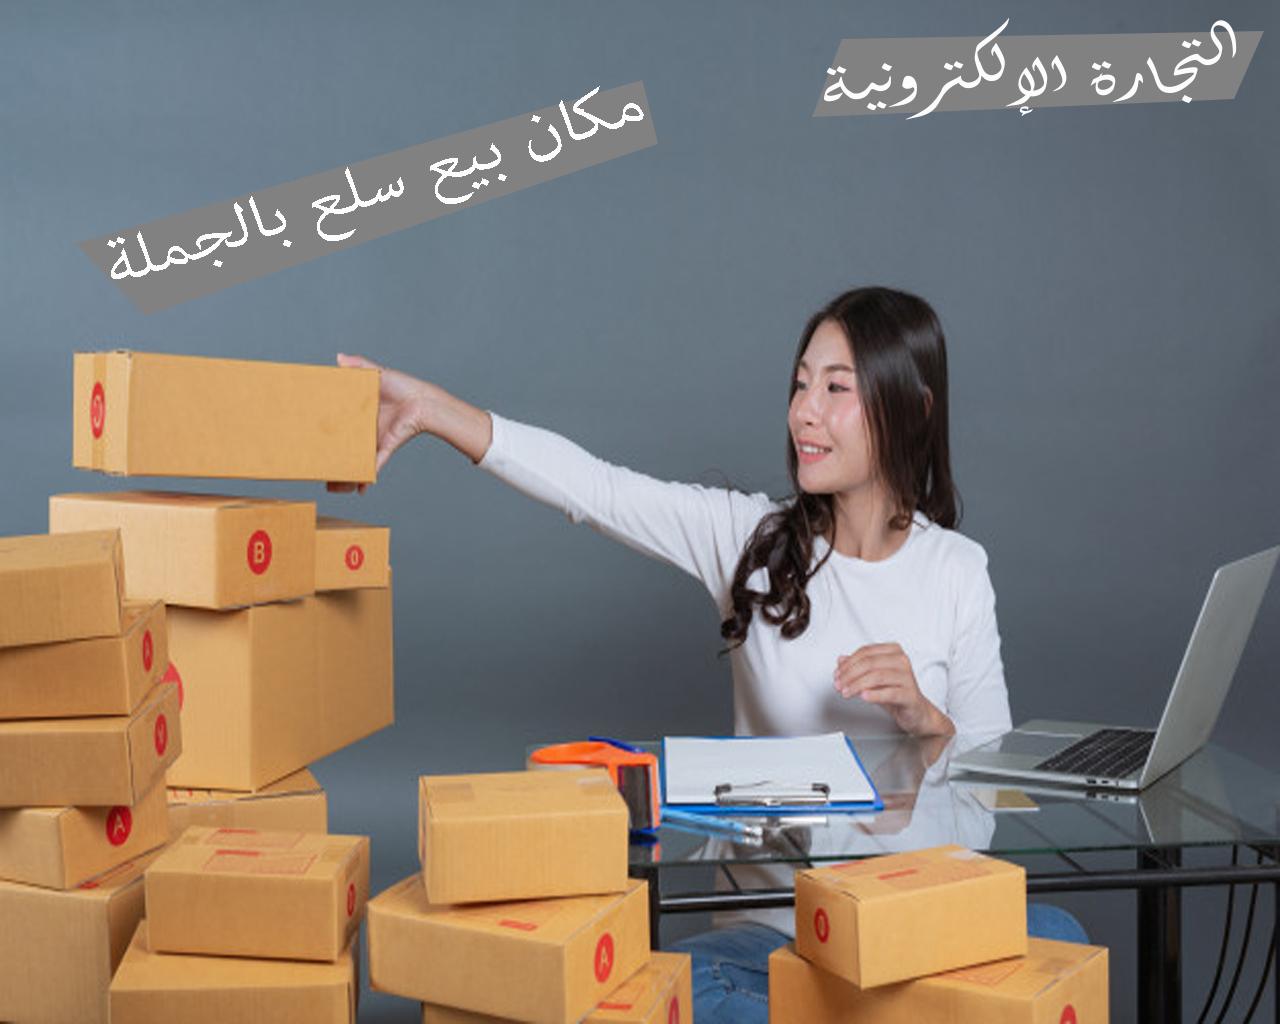 مكان بيع الجملة في المغرب